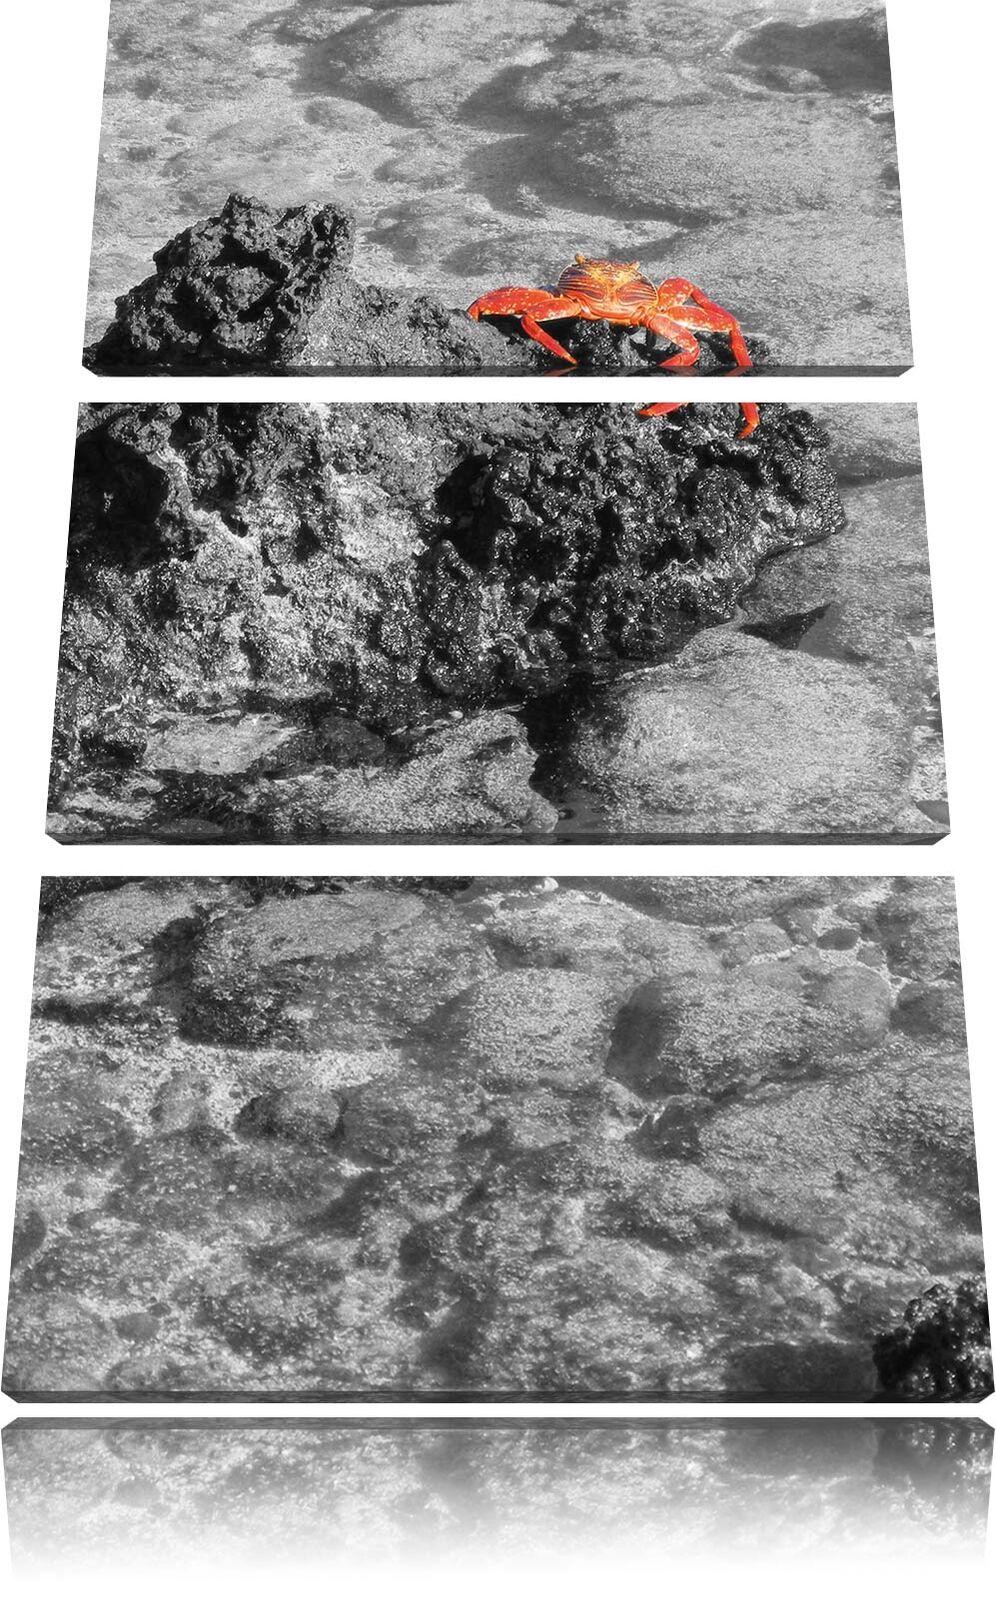 Rojas Arrecife Cangrejo en Arrecife Rojas Negro Blanco 3-Teiler Foto Lienzo Decoración de Pa rojo  c389e5